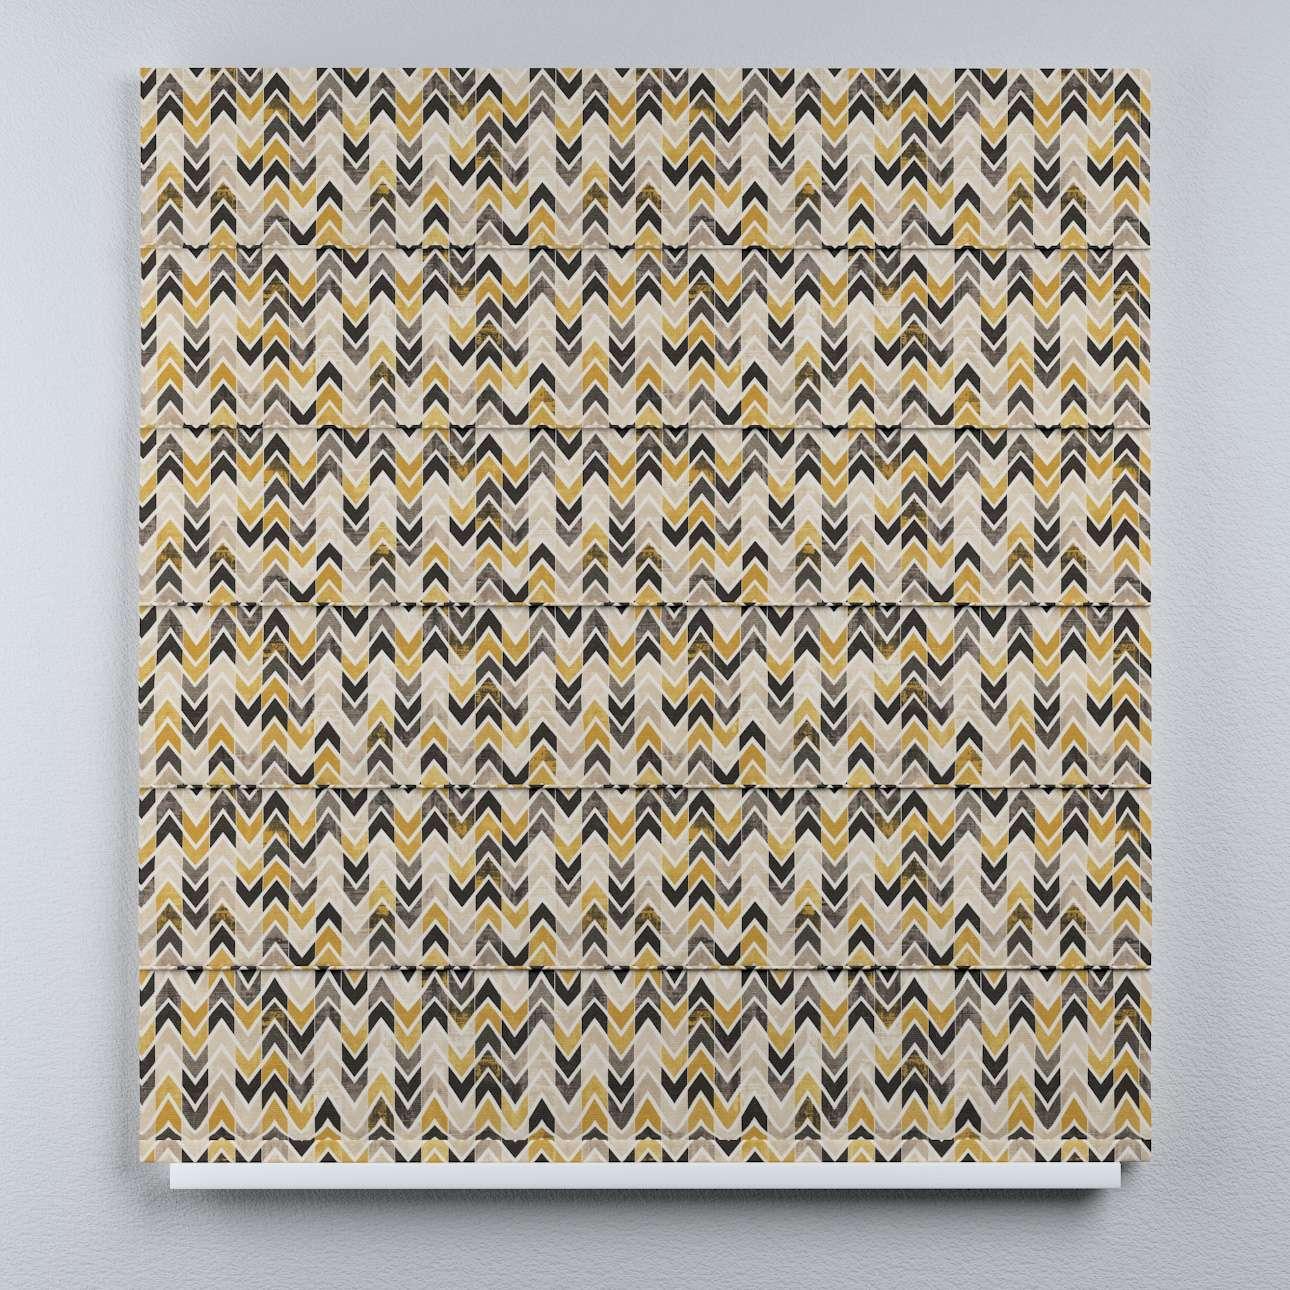 Roleta rzymska Duo 130×170cm w kolekcji Modern, tkanina: 142-79